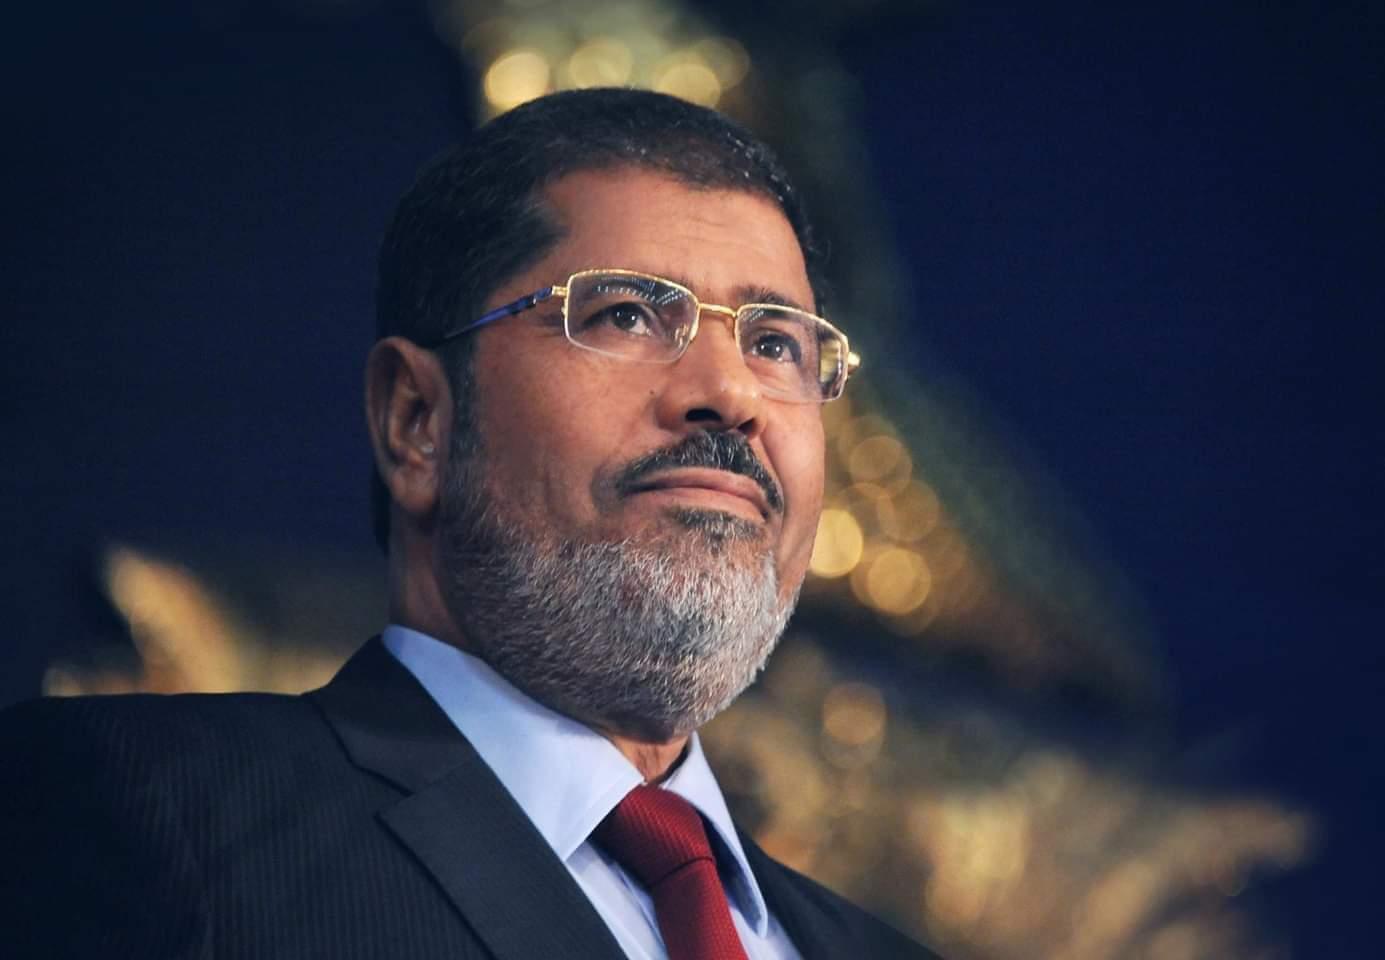 الامم المتحدة تُطالب بتحقيق سريع  ومُستقل في وفاة مرسي